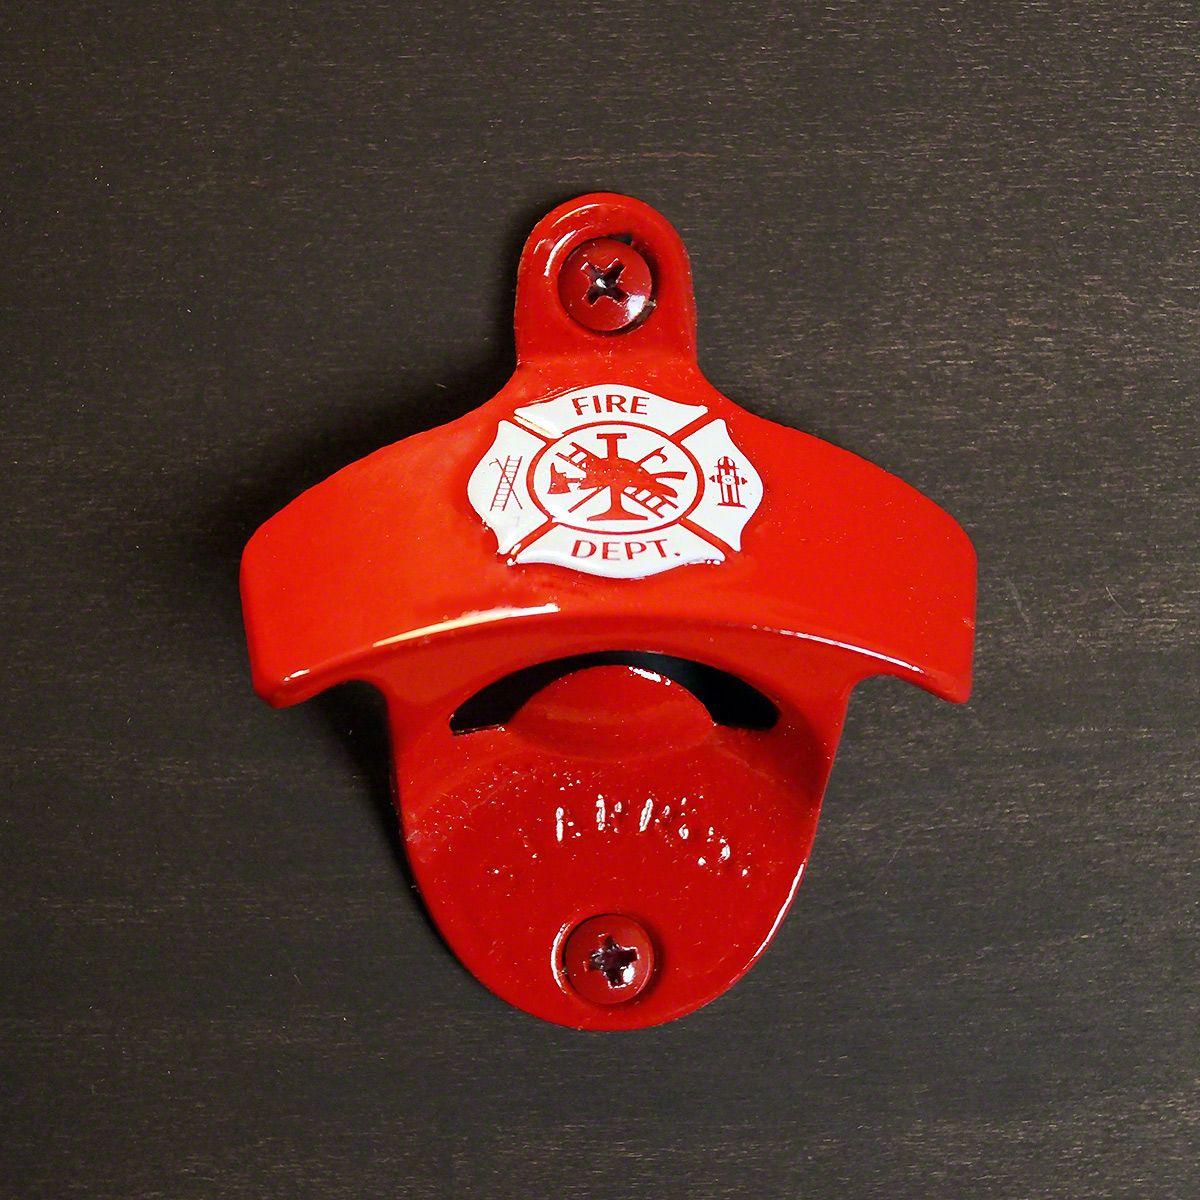 Firefighter Red Maltese Cross Hanging Bottle Opener